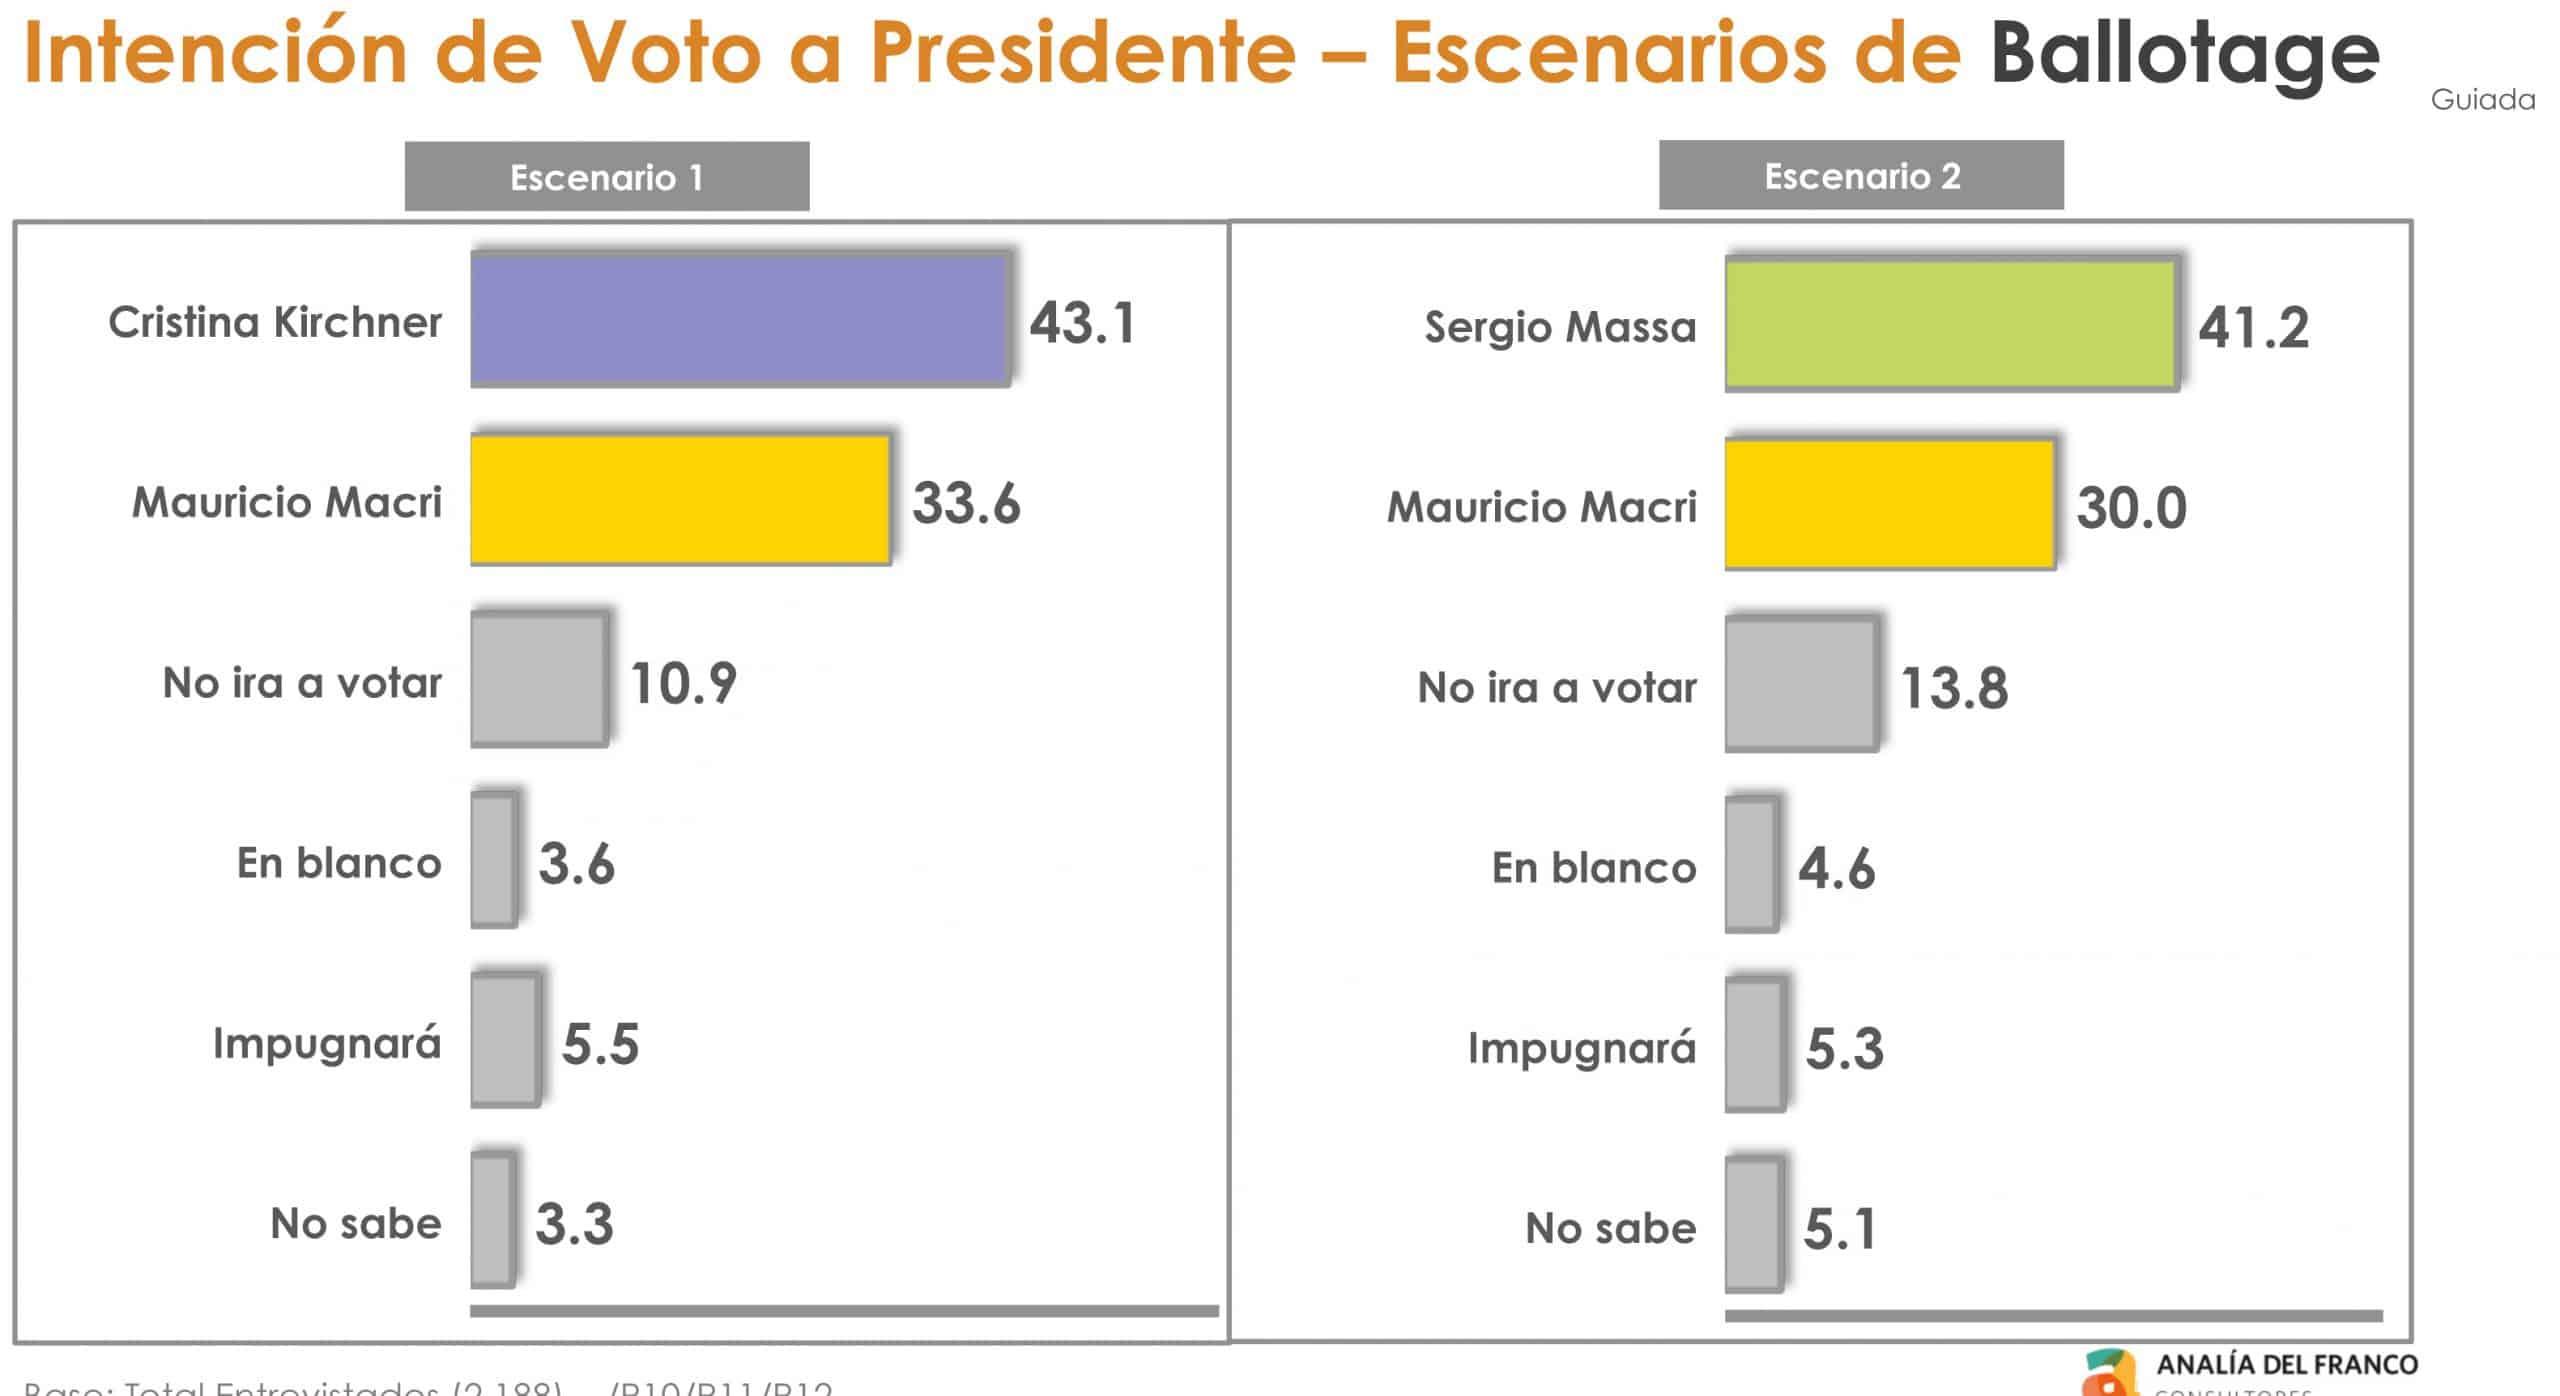 Dos encuestas encargadas por el gobierno se preguntan: ¿Y si en octubre Macri sale tercero? 8